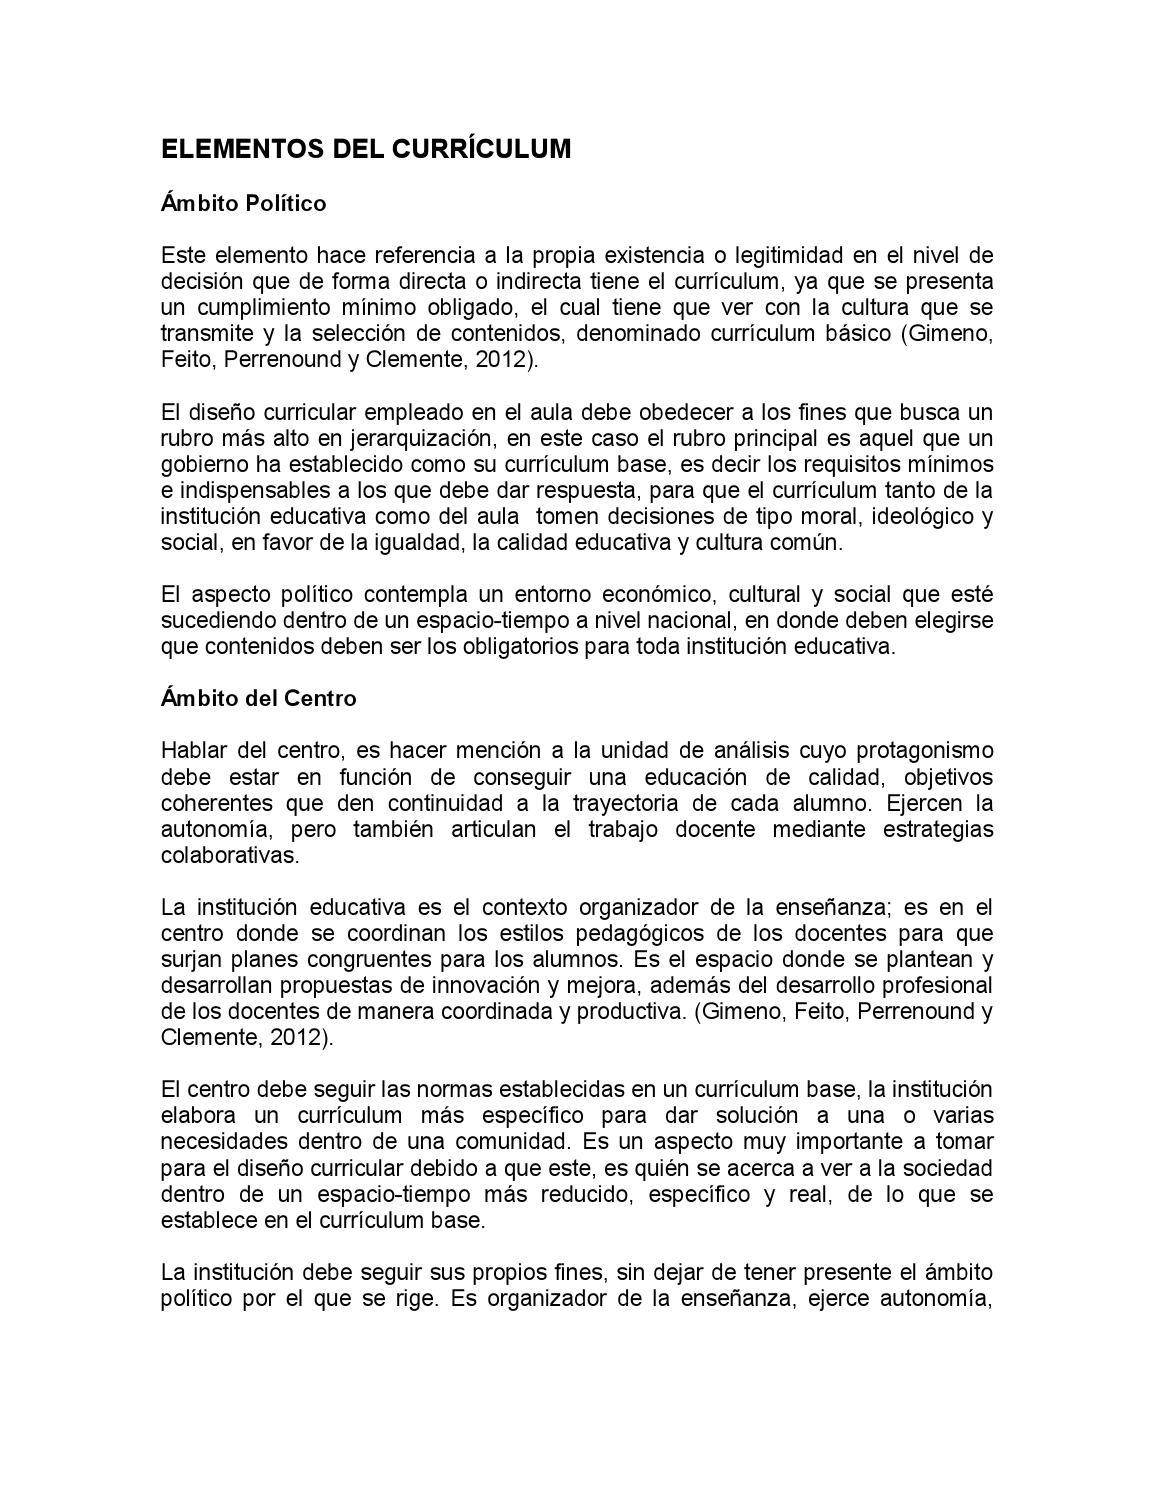 Elem del currículum by Isabel - issuu